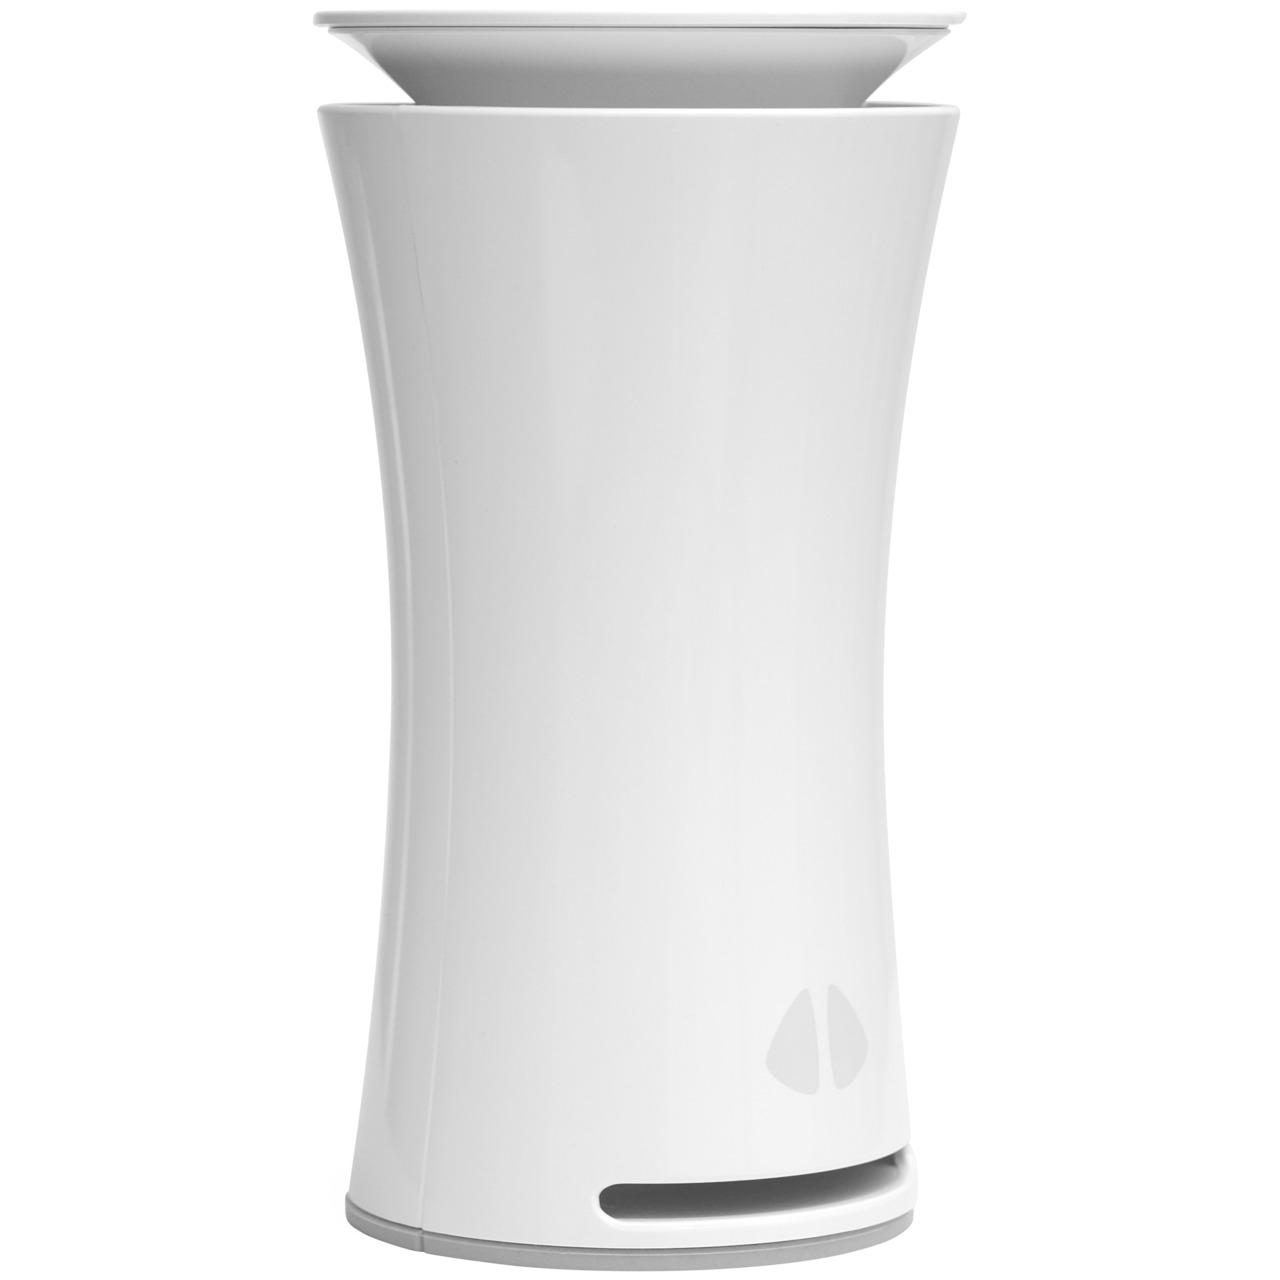 uHoo Smarter 9-in-1-Luftgütesensor mit App-Steuerung - kompatibel mit HmIP und HM über mediola